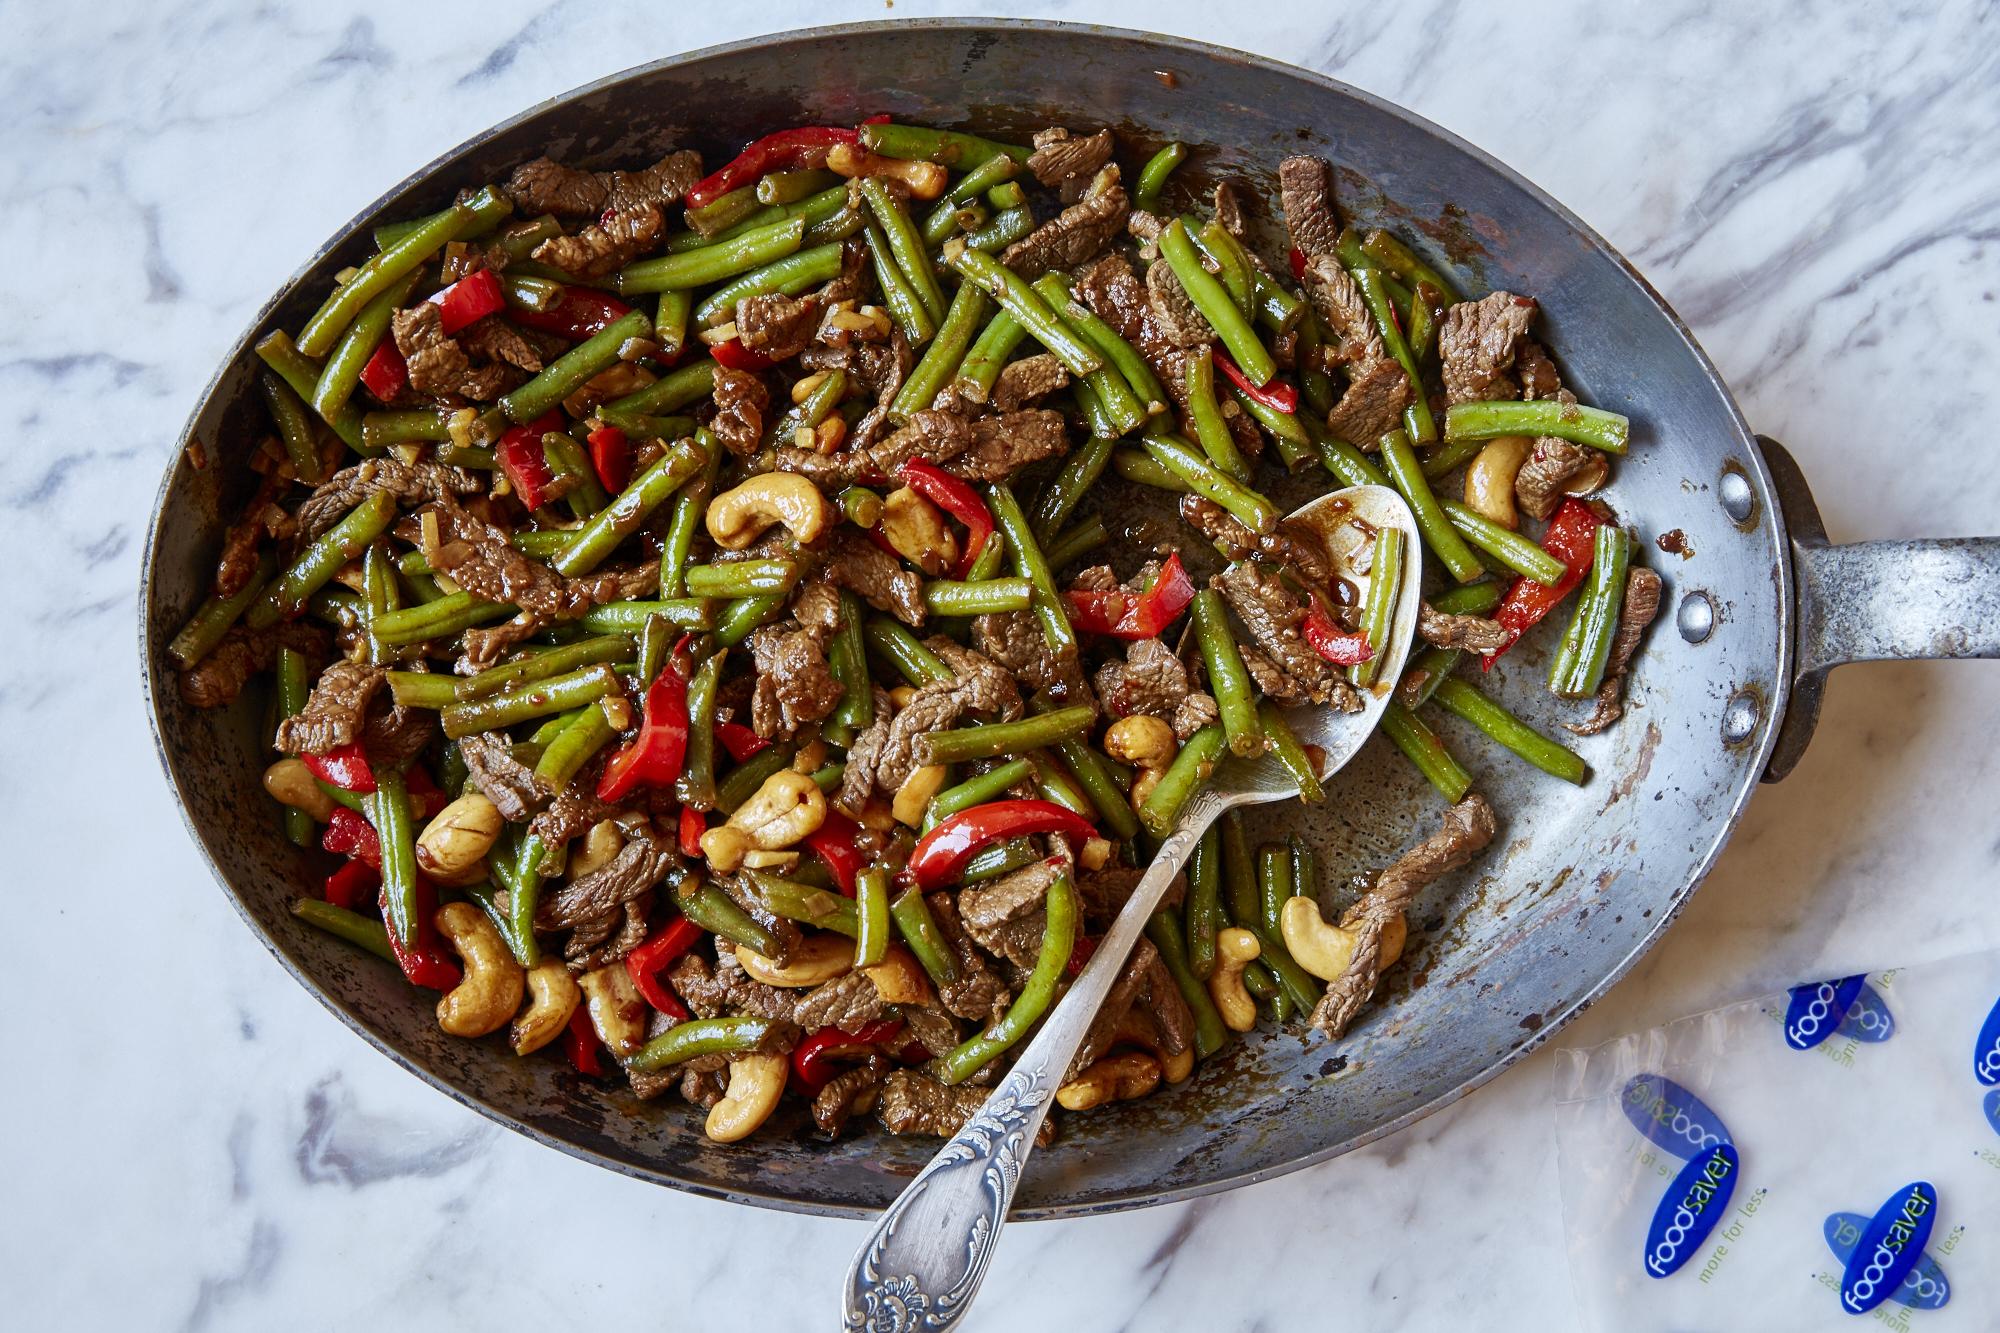 foodsaver-beef-stir-fry-foodsaver-quiche-lorraine4414